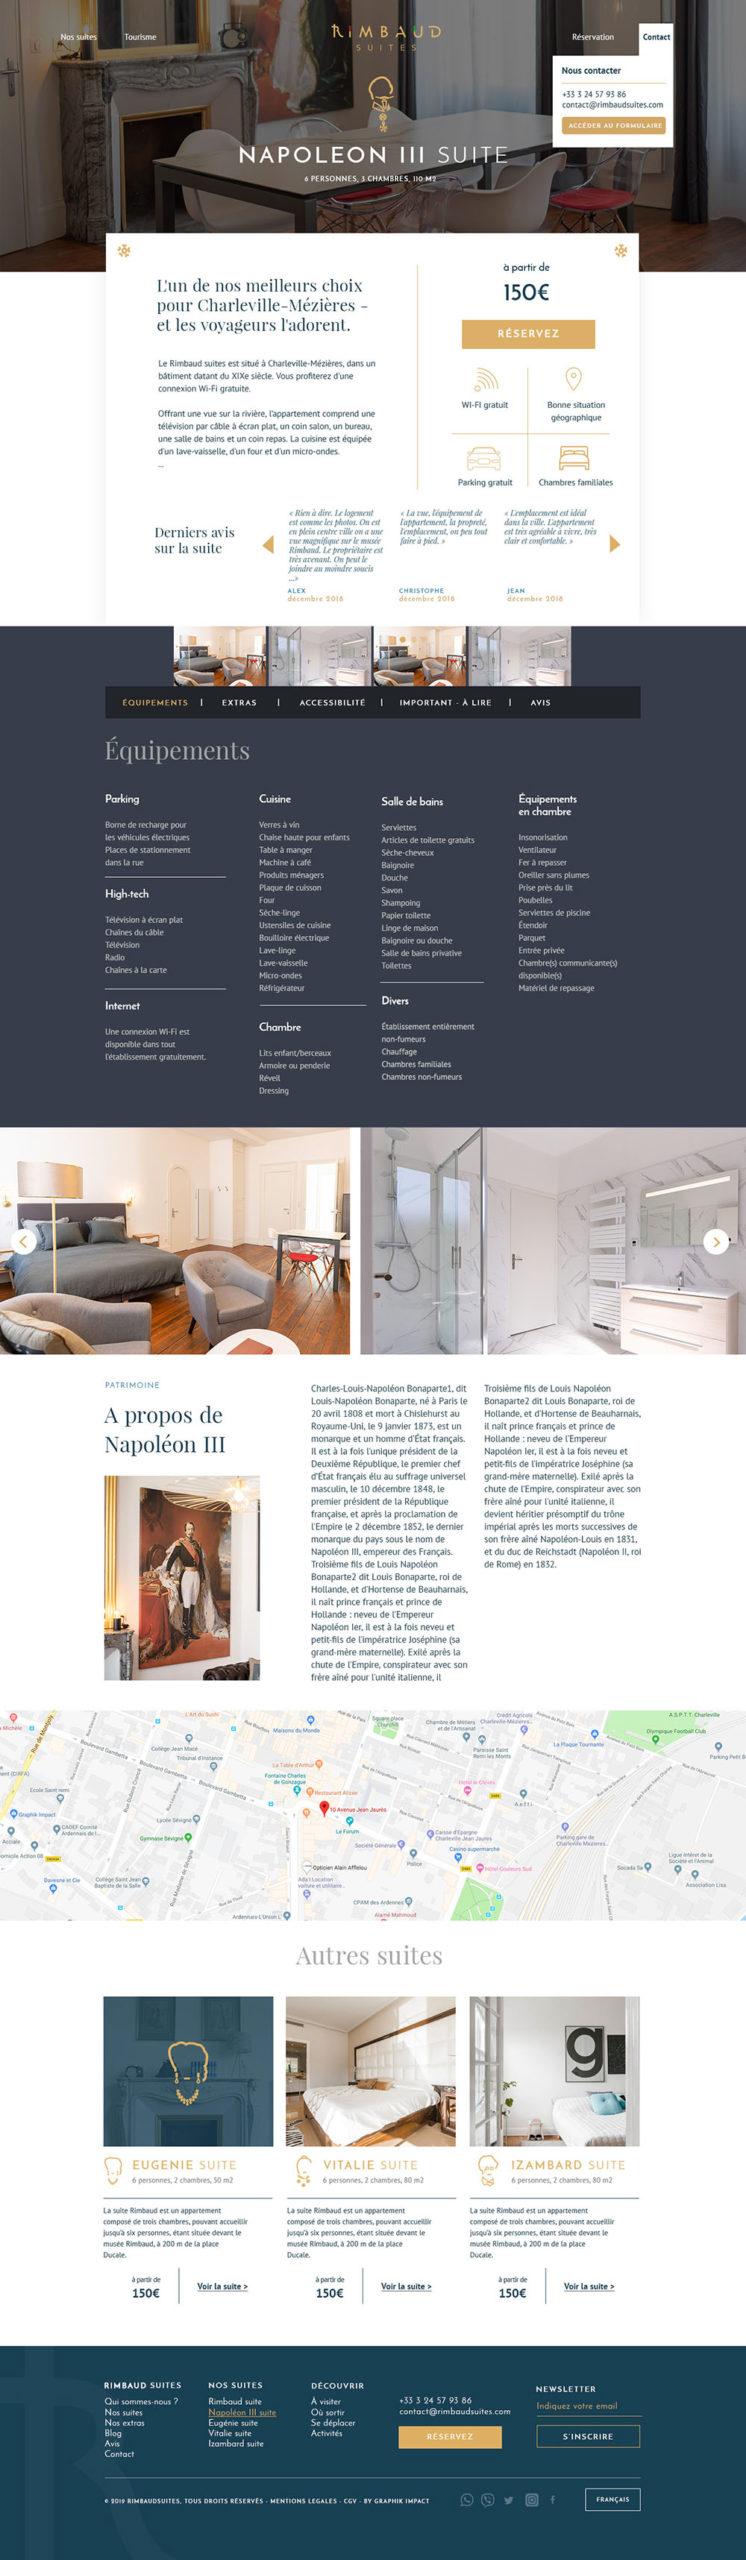 Webdesign site web Rimbaud Suites